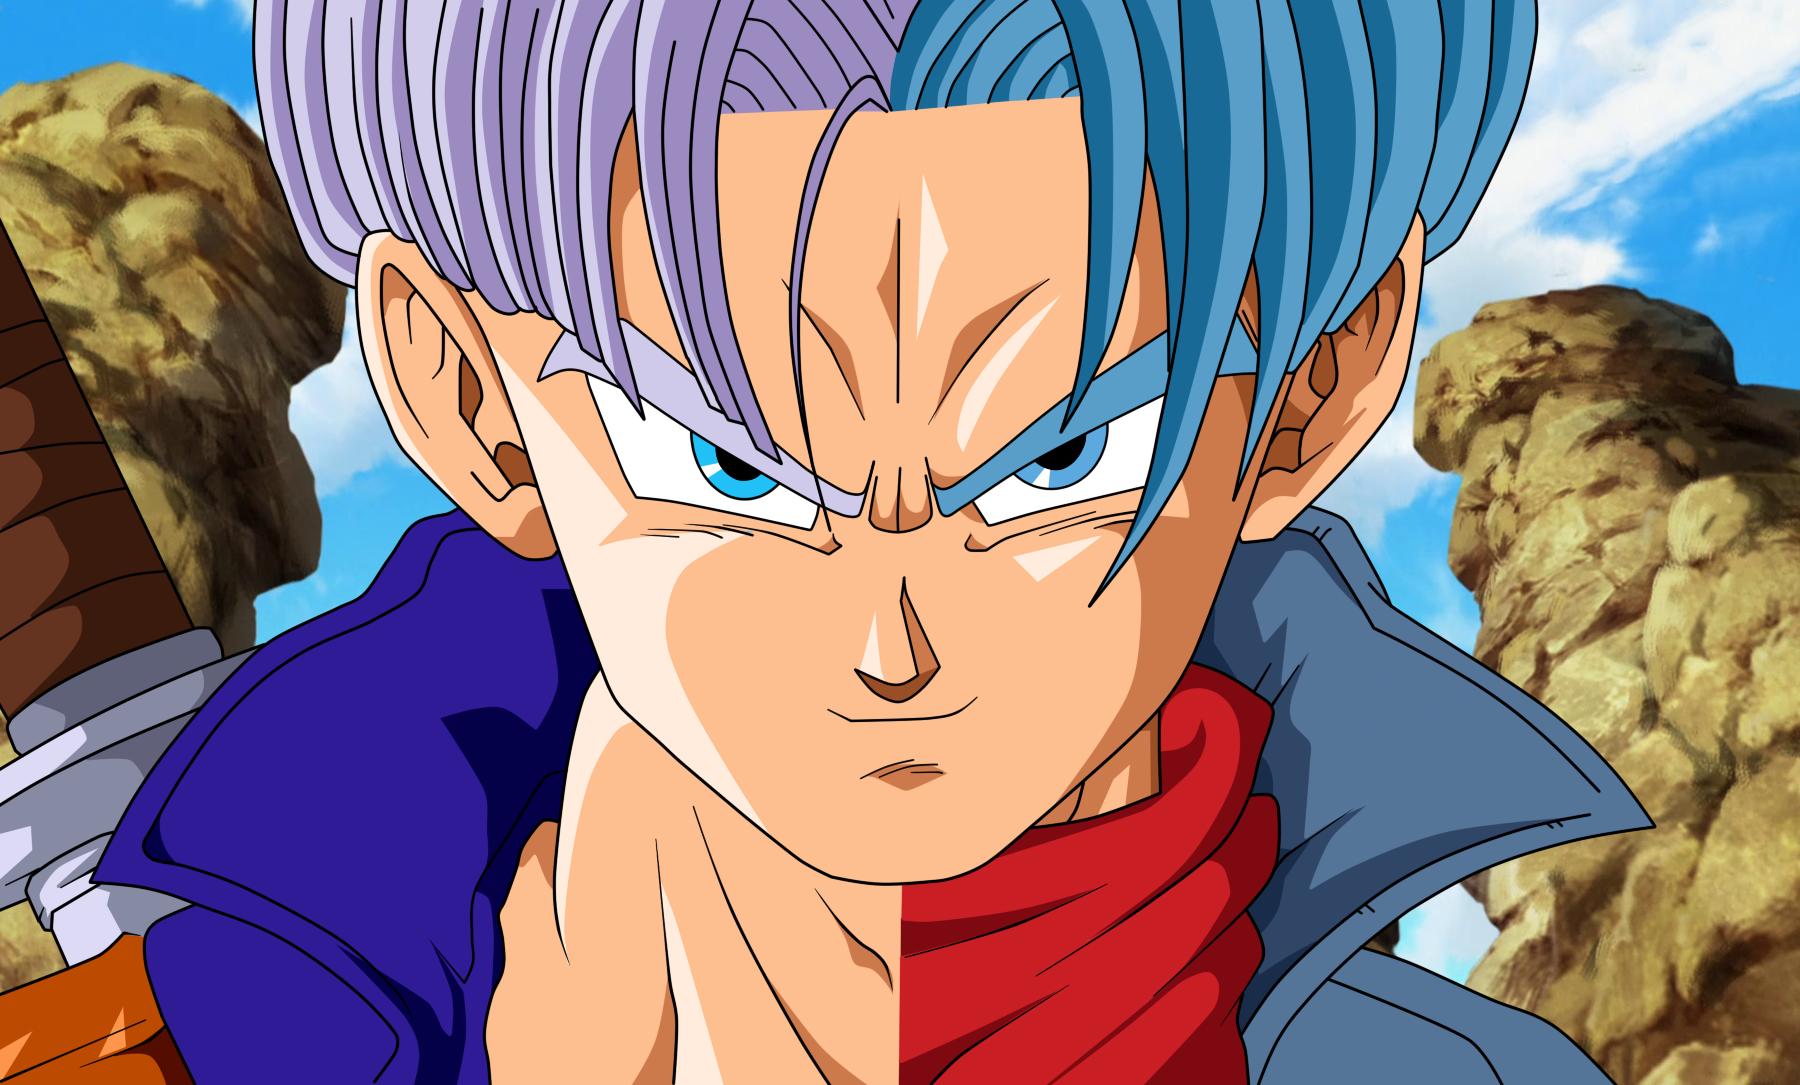 Black Goku Fondo De Pantalla And Fondo De Escritorio: Dragon Ball Super Fondo De Pantalla And Fondo De